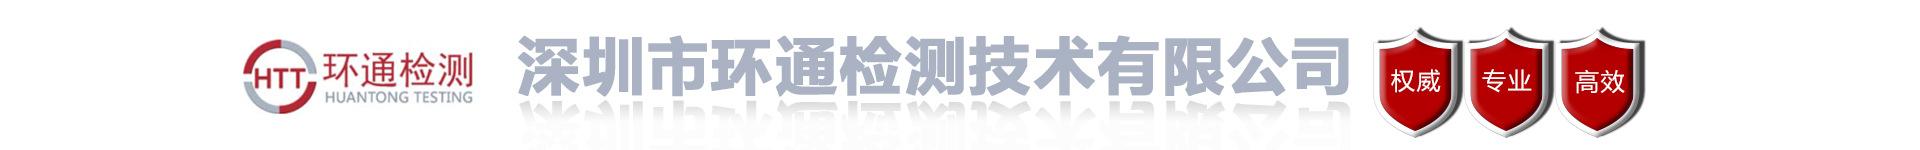 深圳市環通檢測技術有限公司